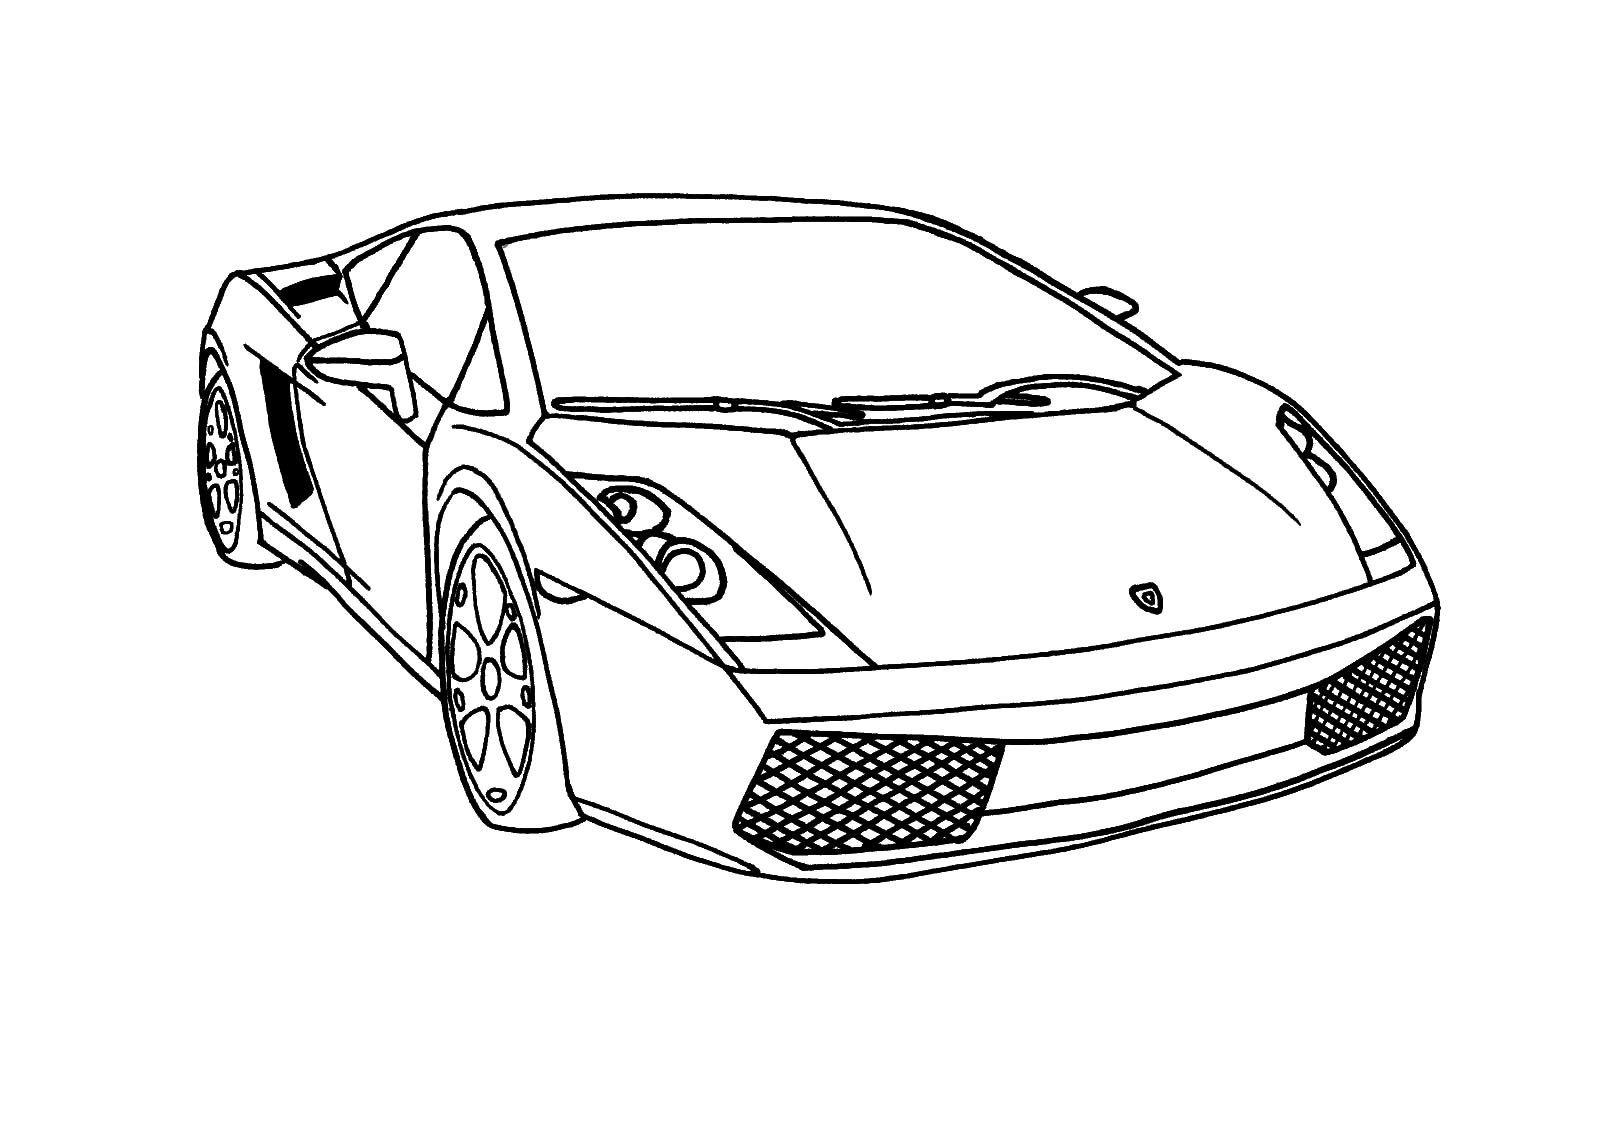 Раскраски для мальчиков машины крутые - 3